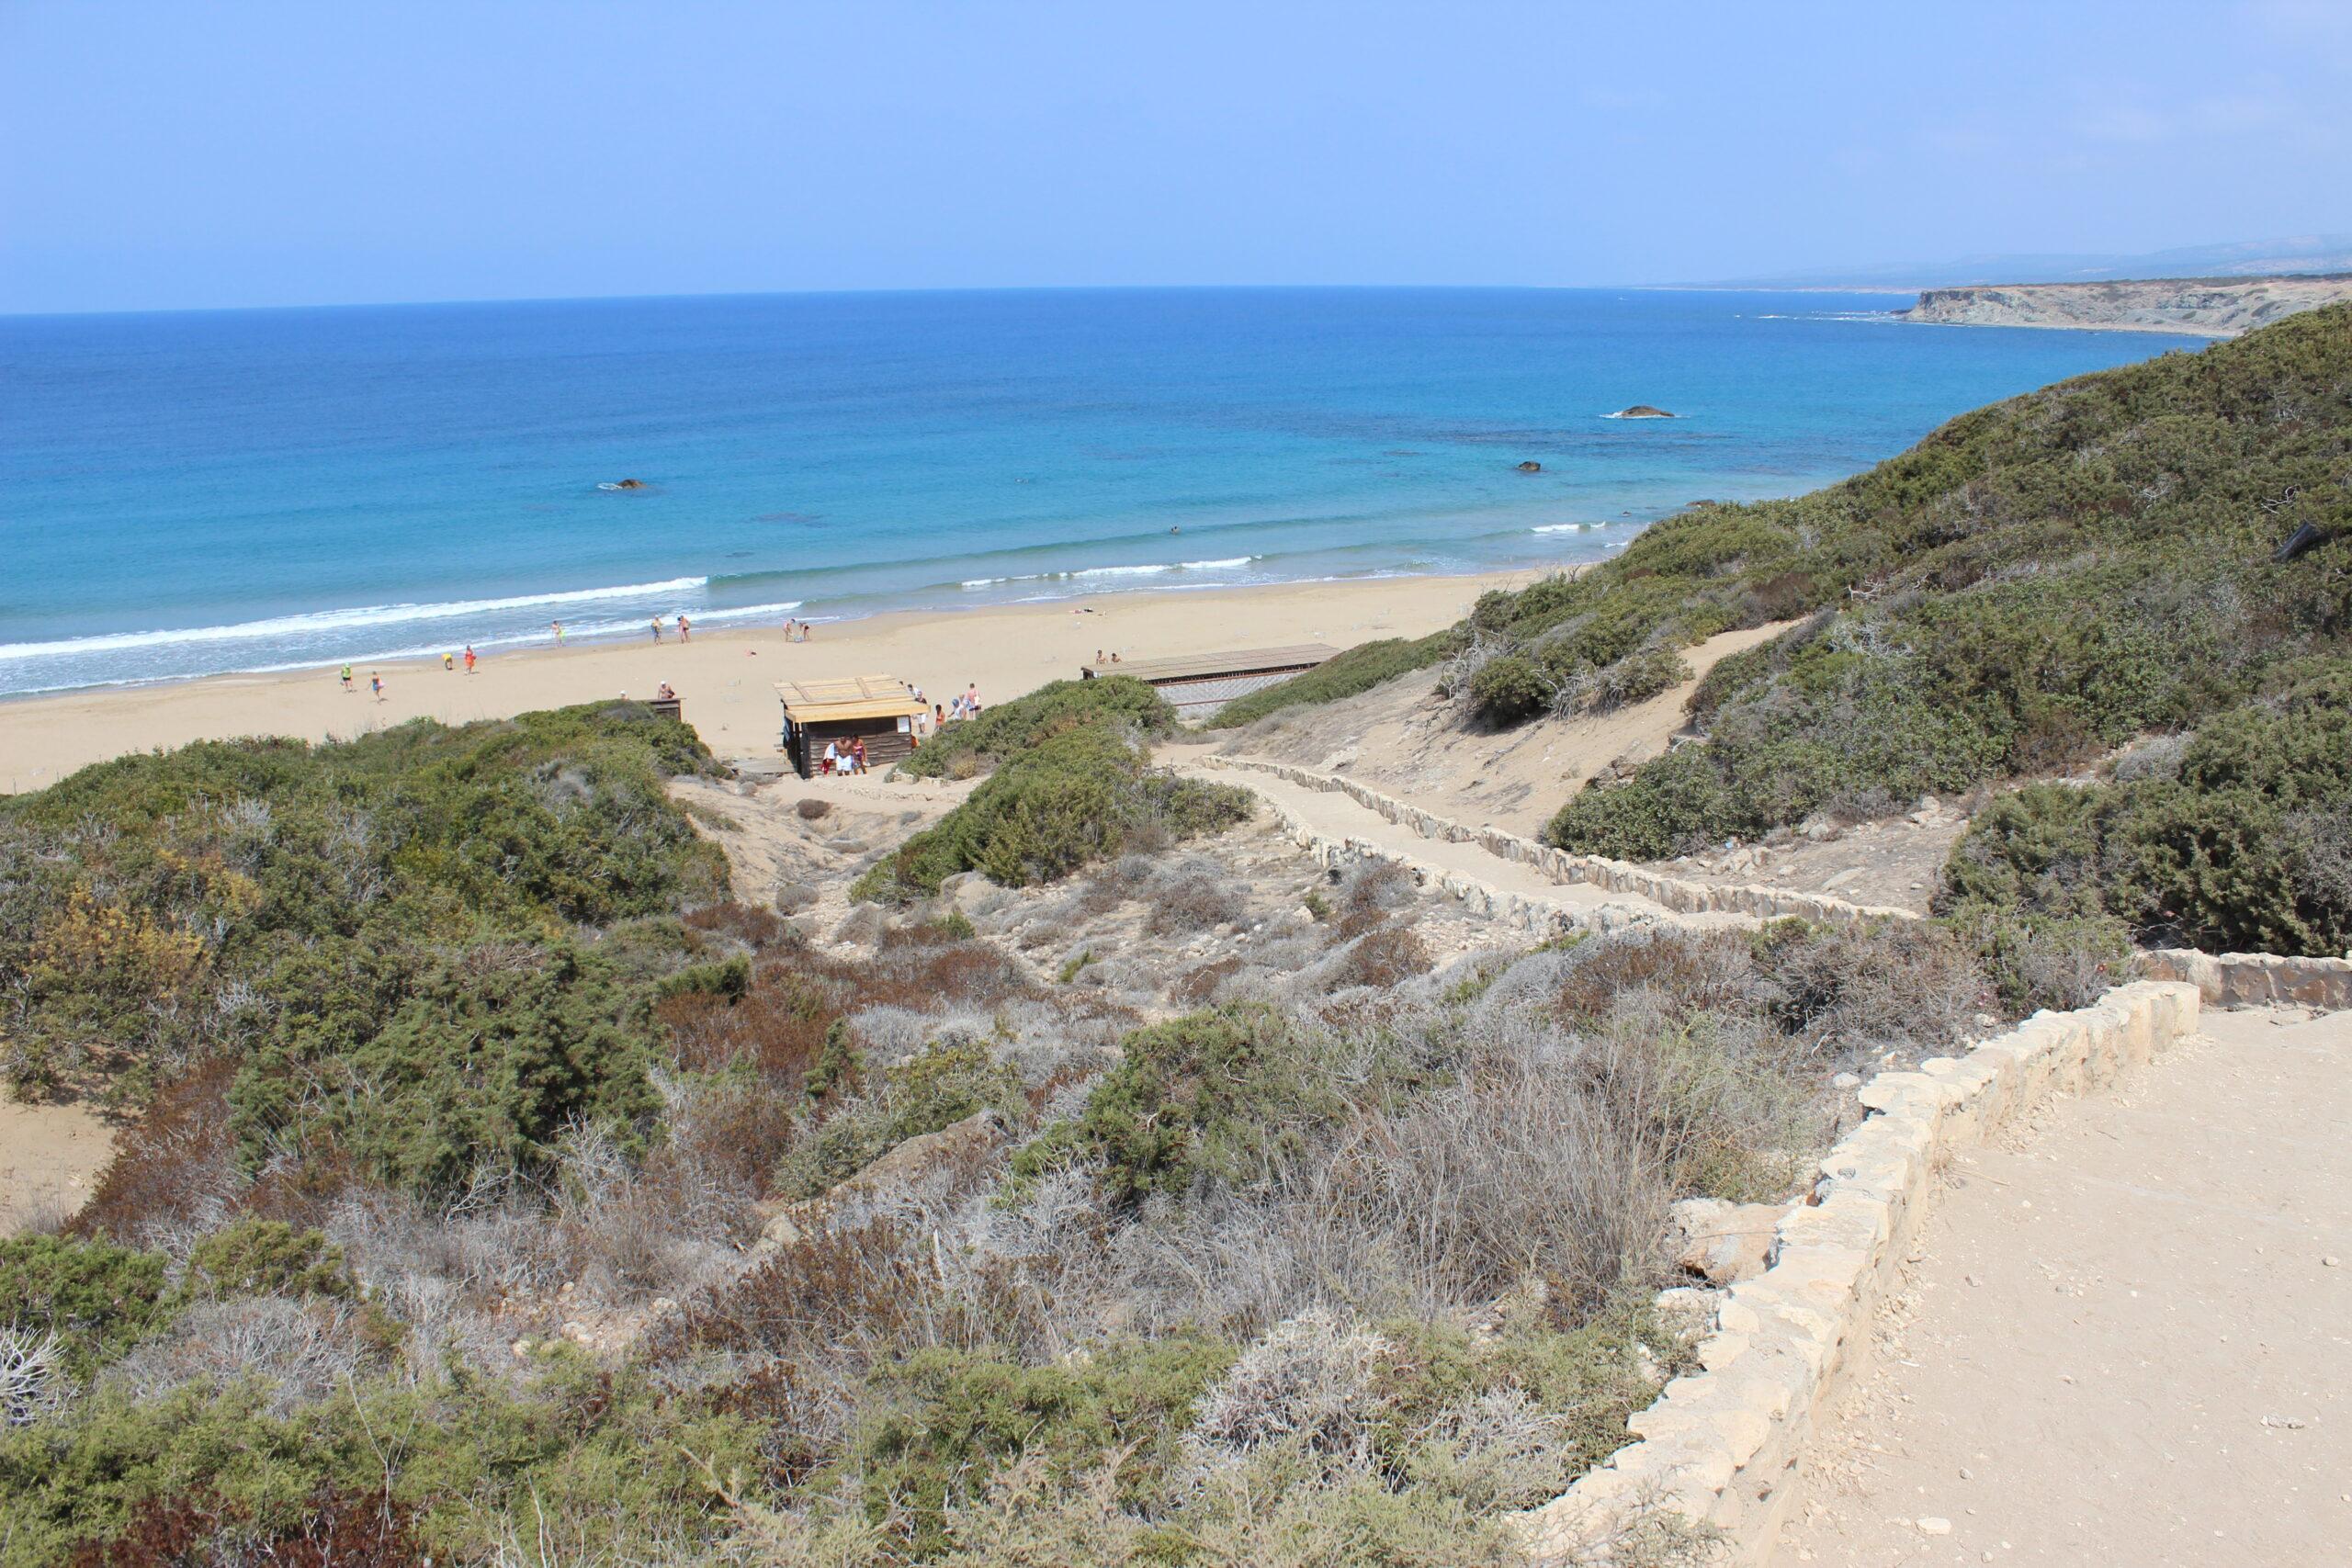 Zypern - Lara Beach auf der Halbinsel Akamas